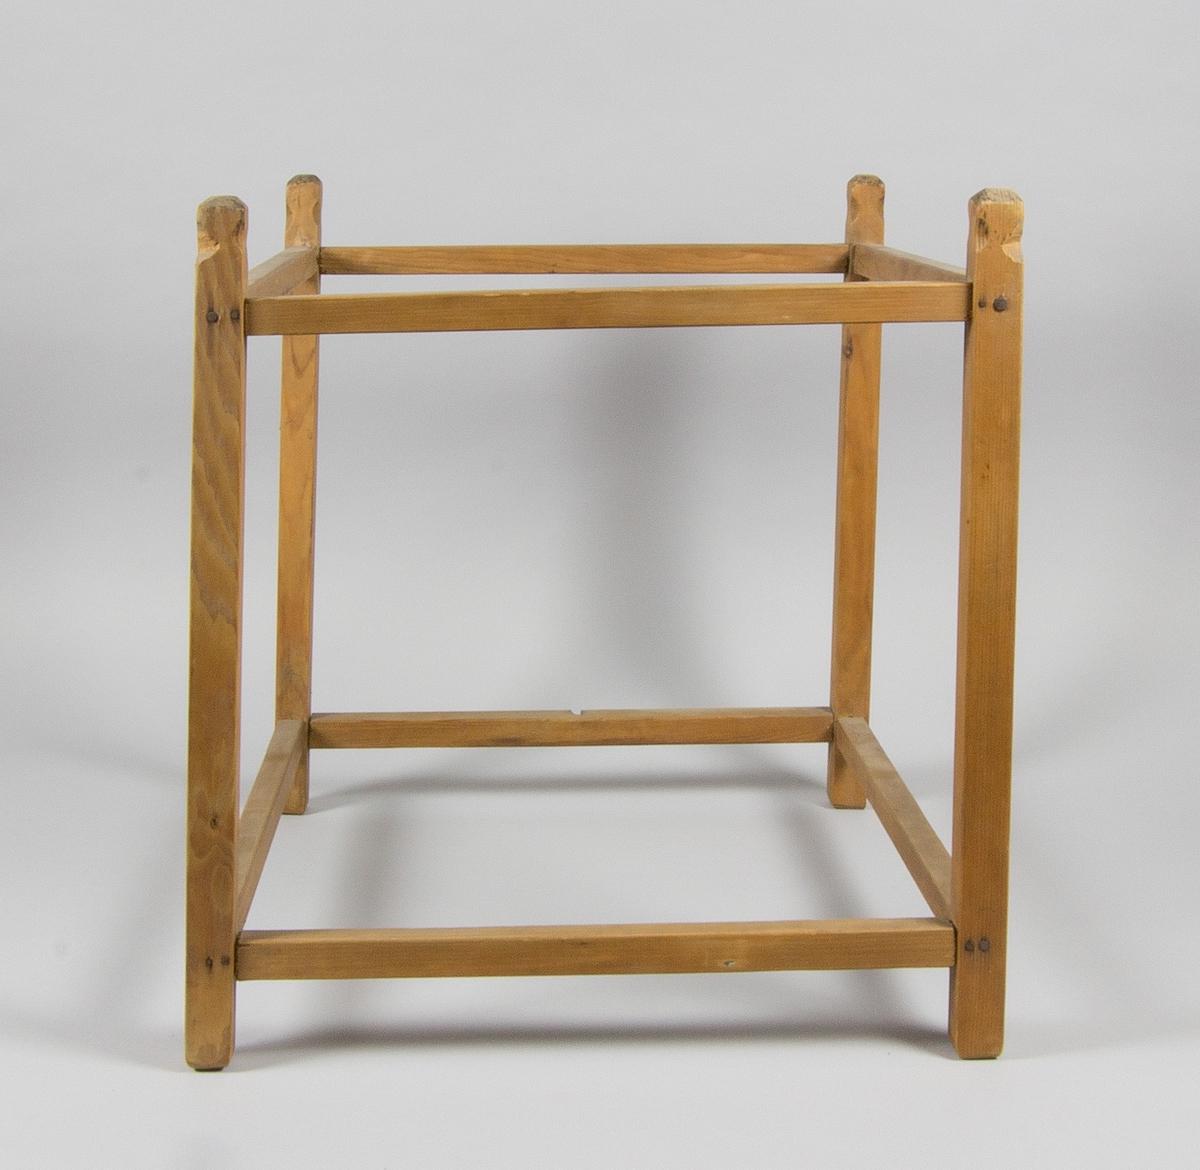 Ställ för silduk, i furu. Fyra ståndare med knoppar, åtta intappade tvärslåar.